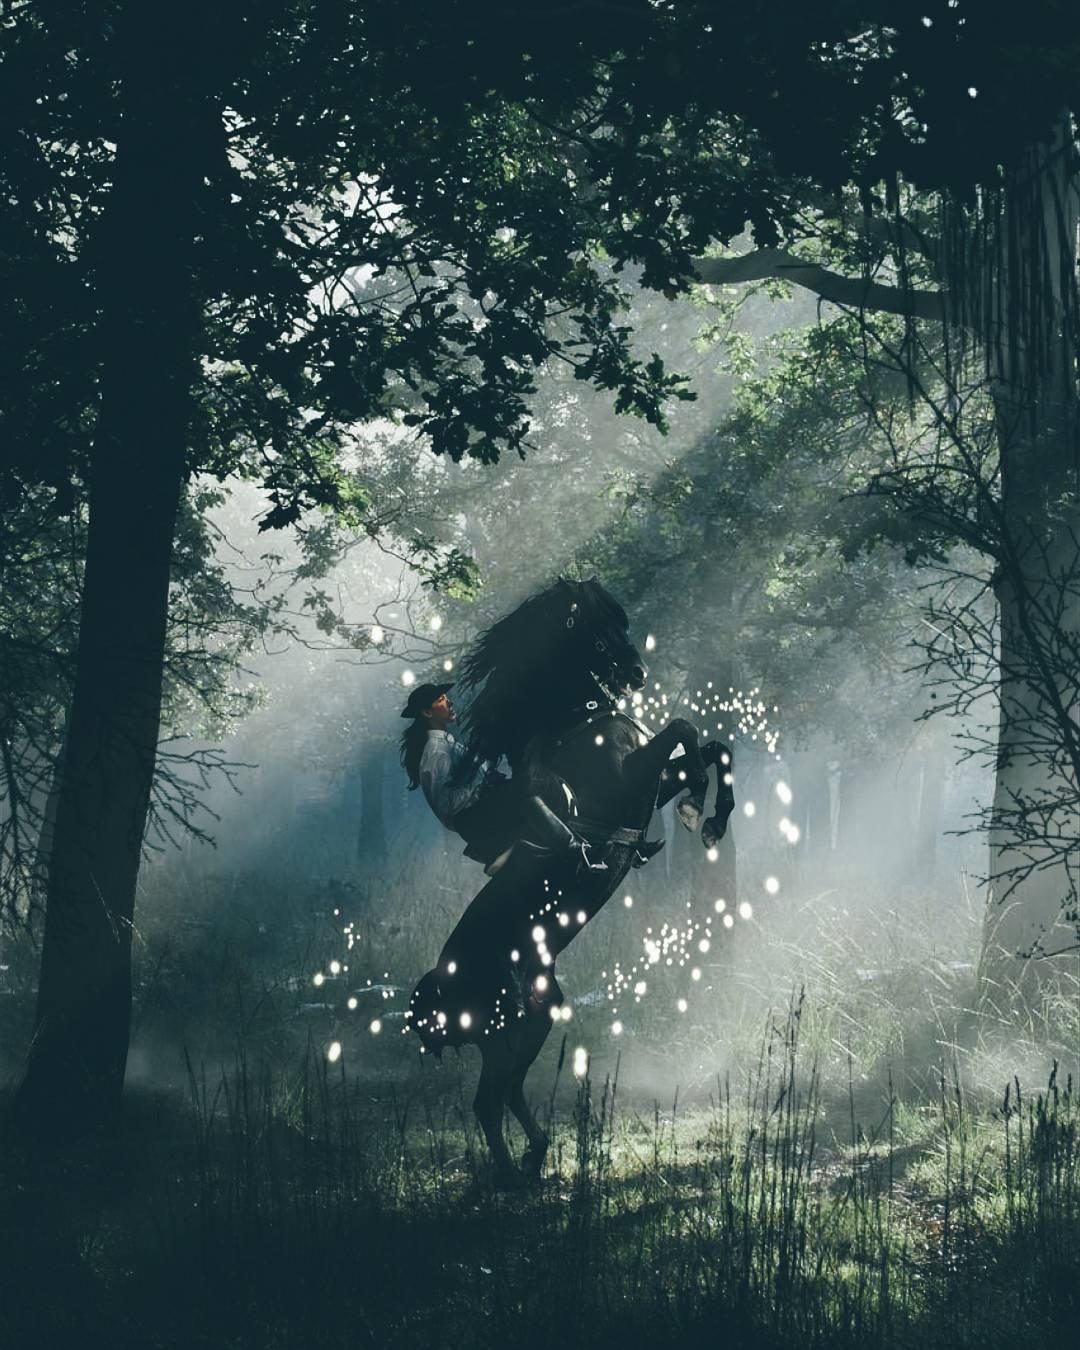 Сказочные фотоманипуляции от Keane Luong